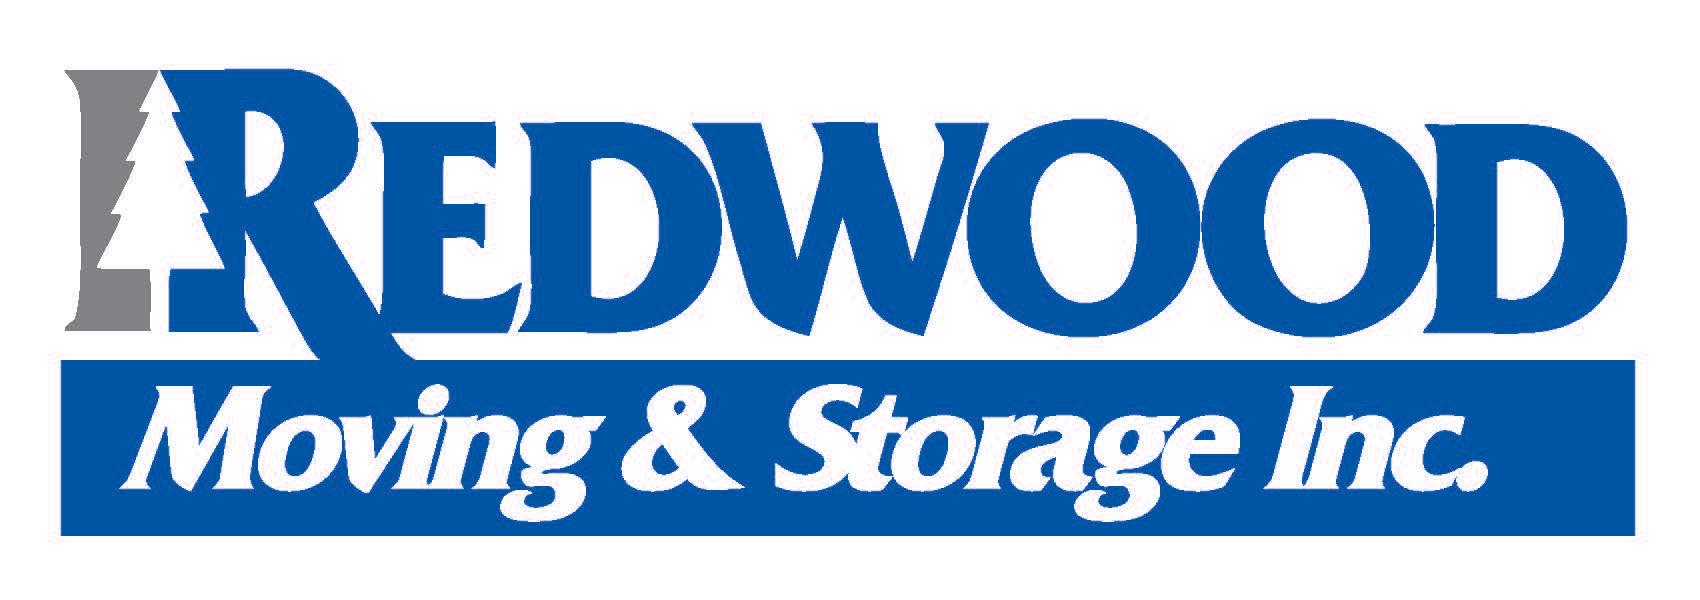 Redwood Moving & Storage